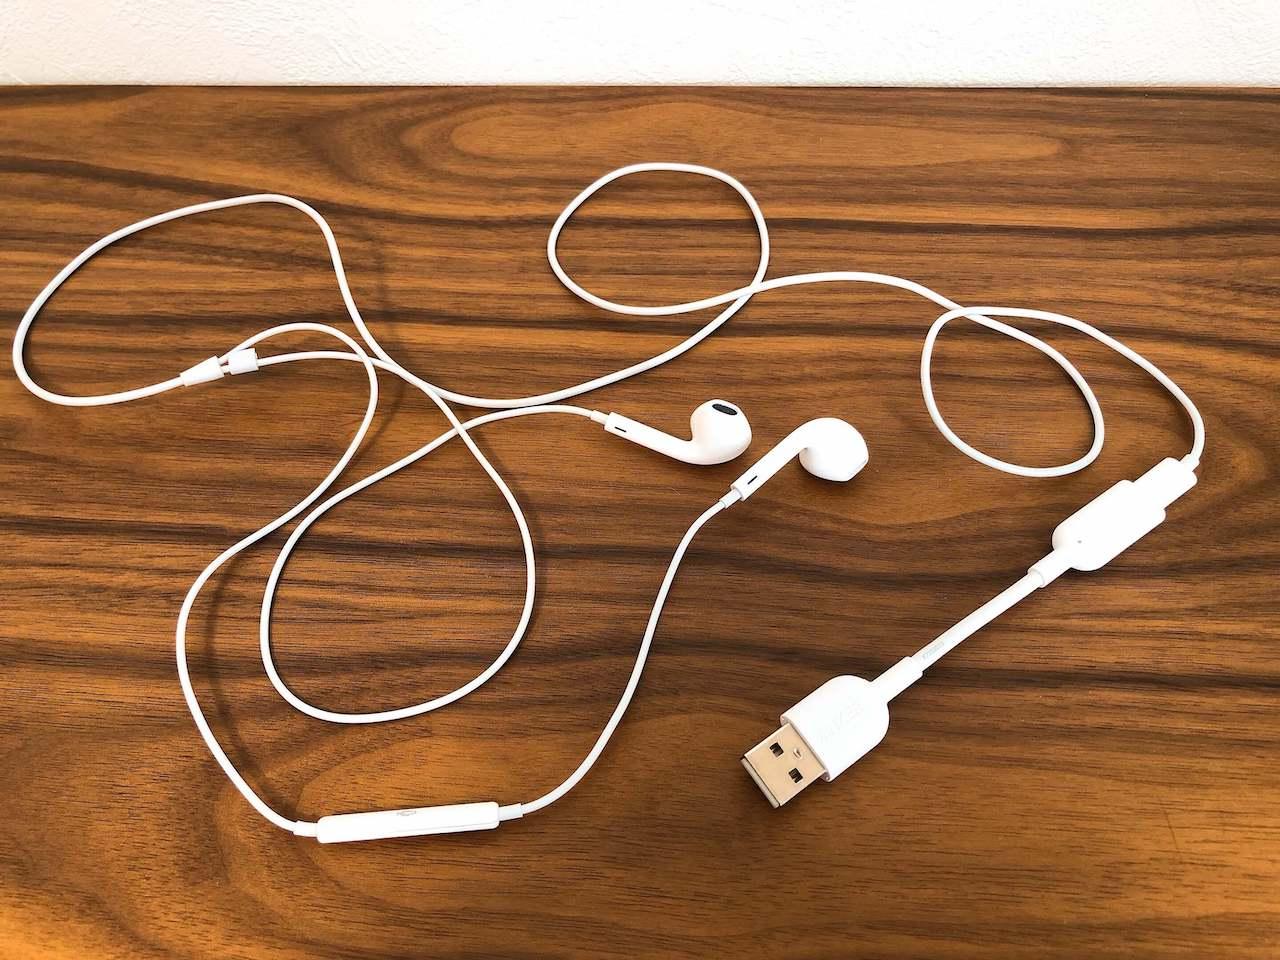 Anker(アンカー)の「USB to Lightning オーディオアダプター」にiPhone用のイヤホン「Ear Pods」を接続した写真です。